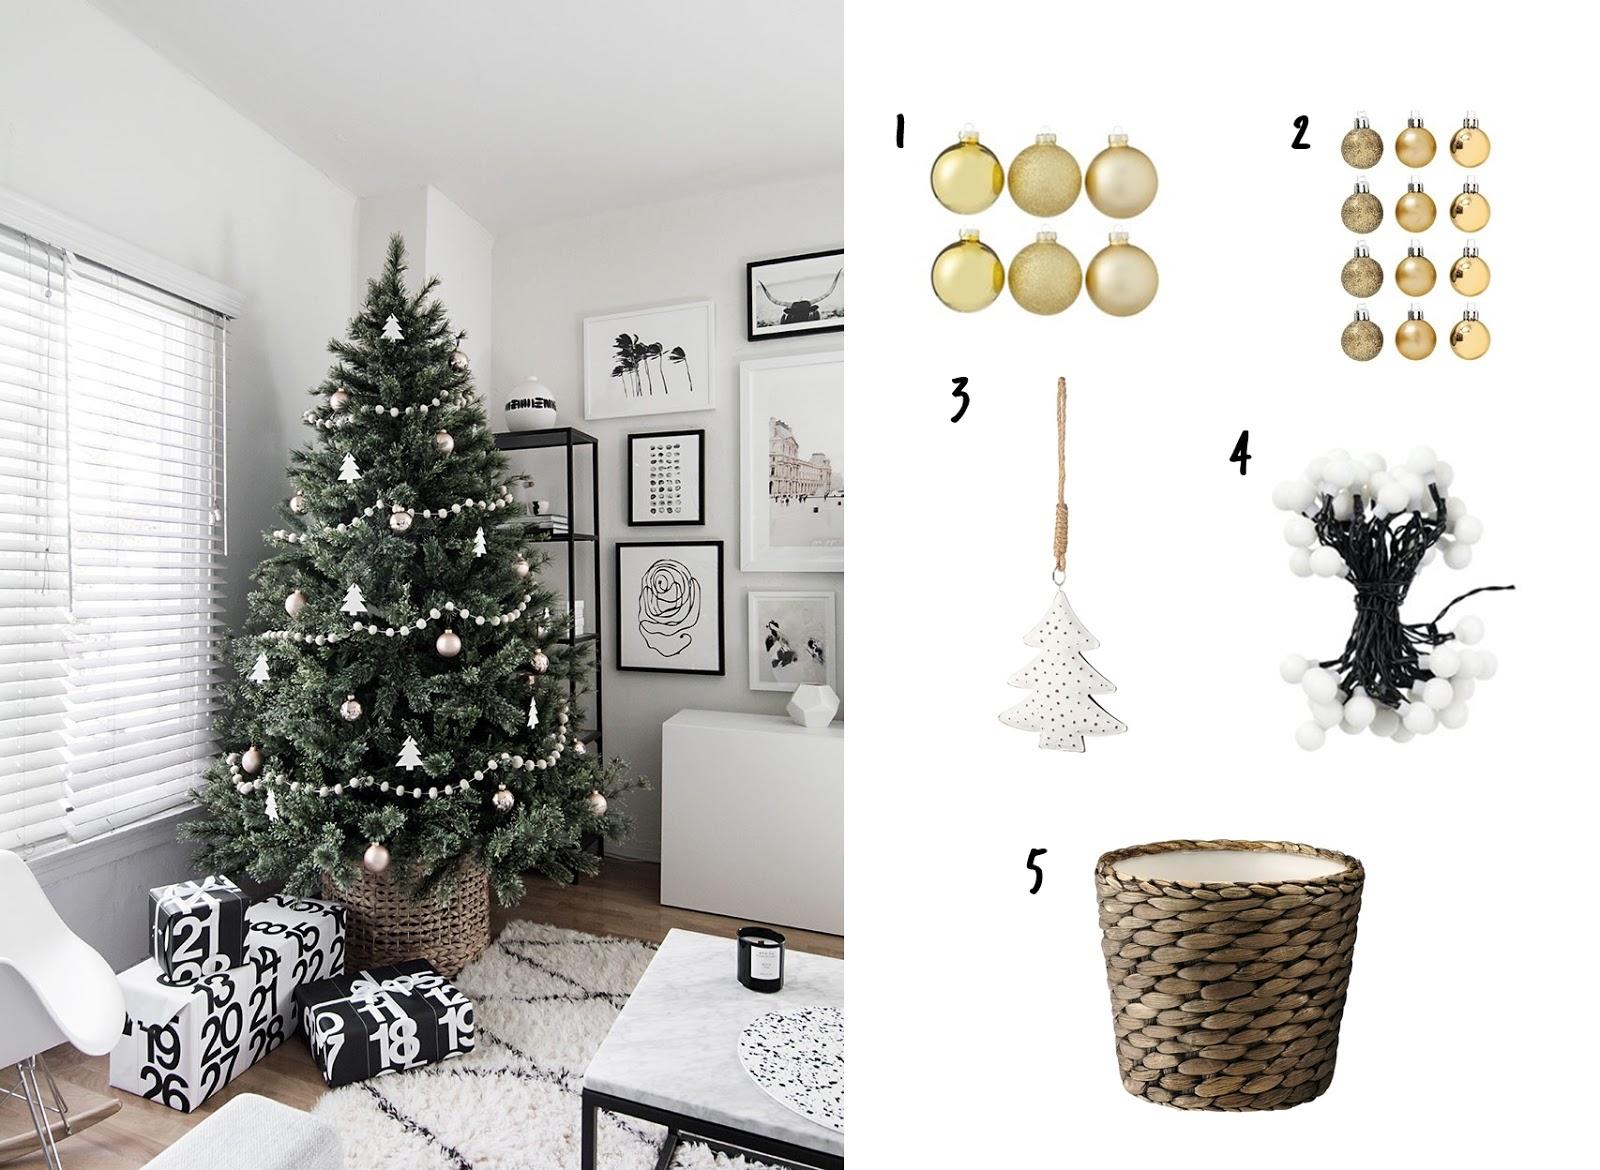 Marca Tus Tendencias Ideas Para Decorar El Rbol Esta Navidad ~ Decoracion Navidad Corte Ingles